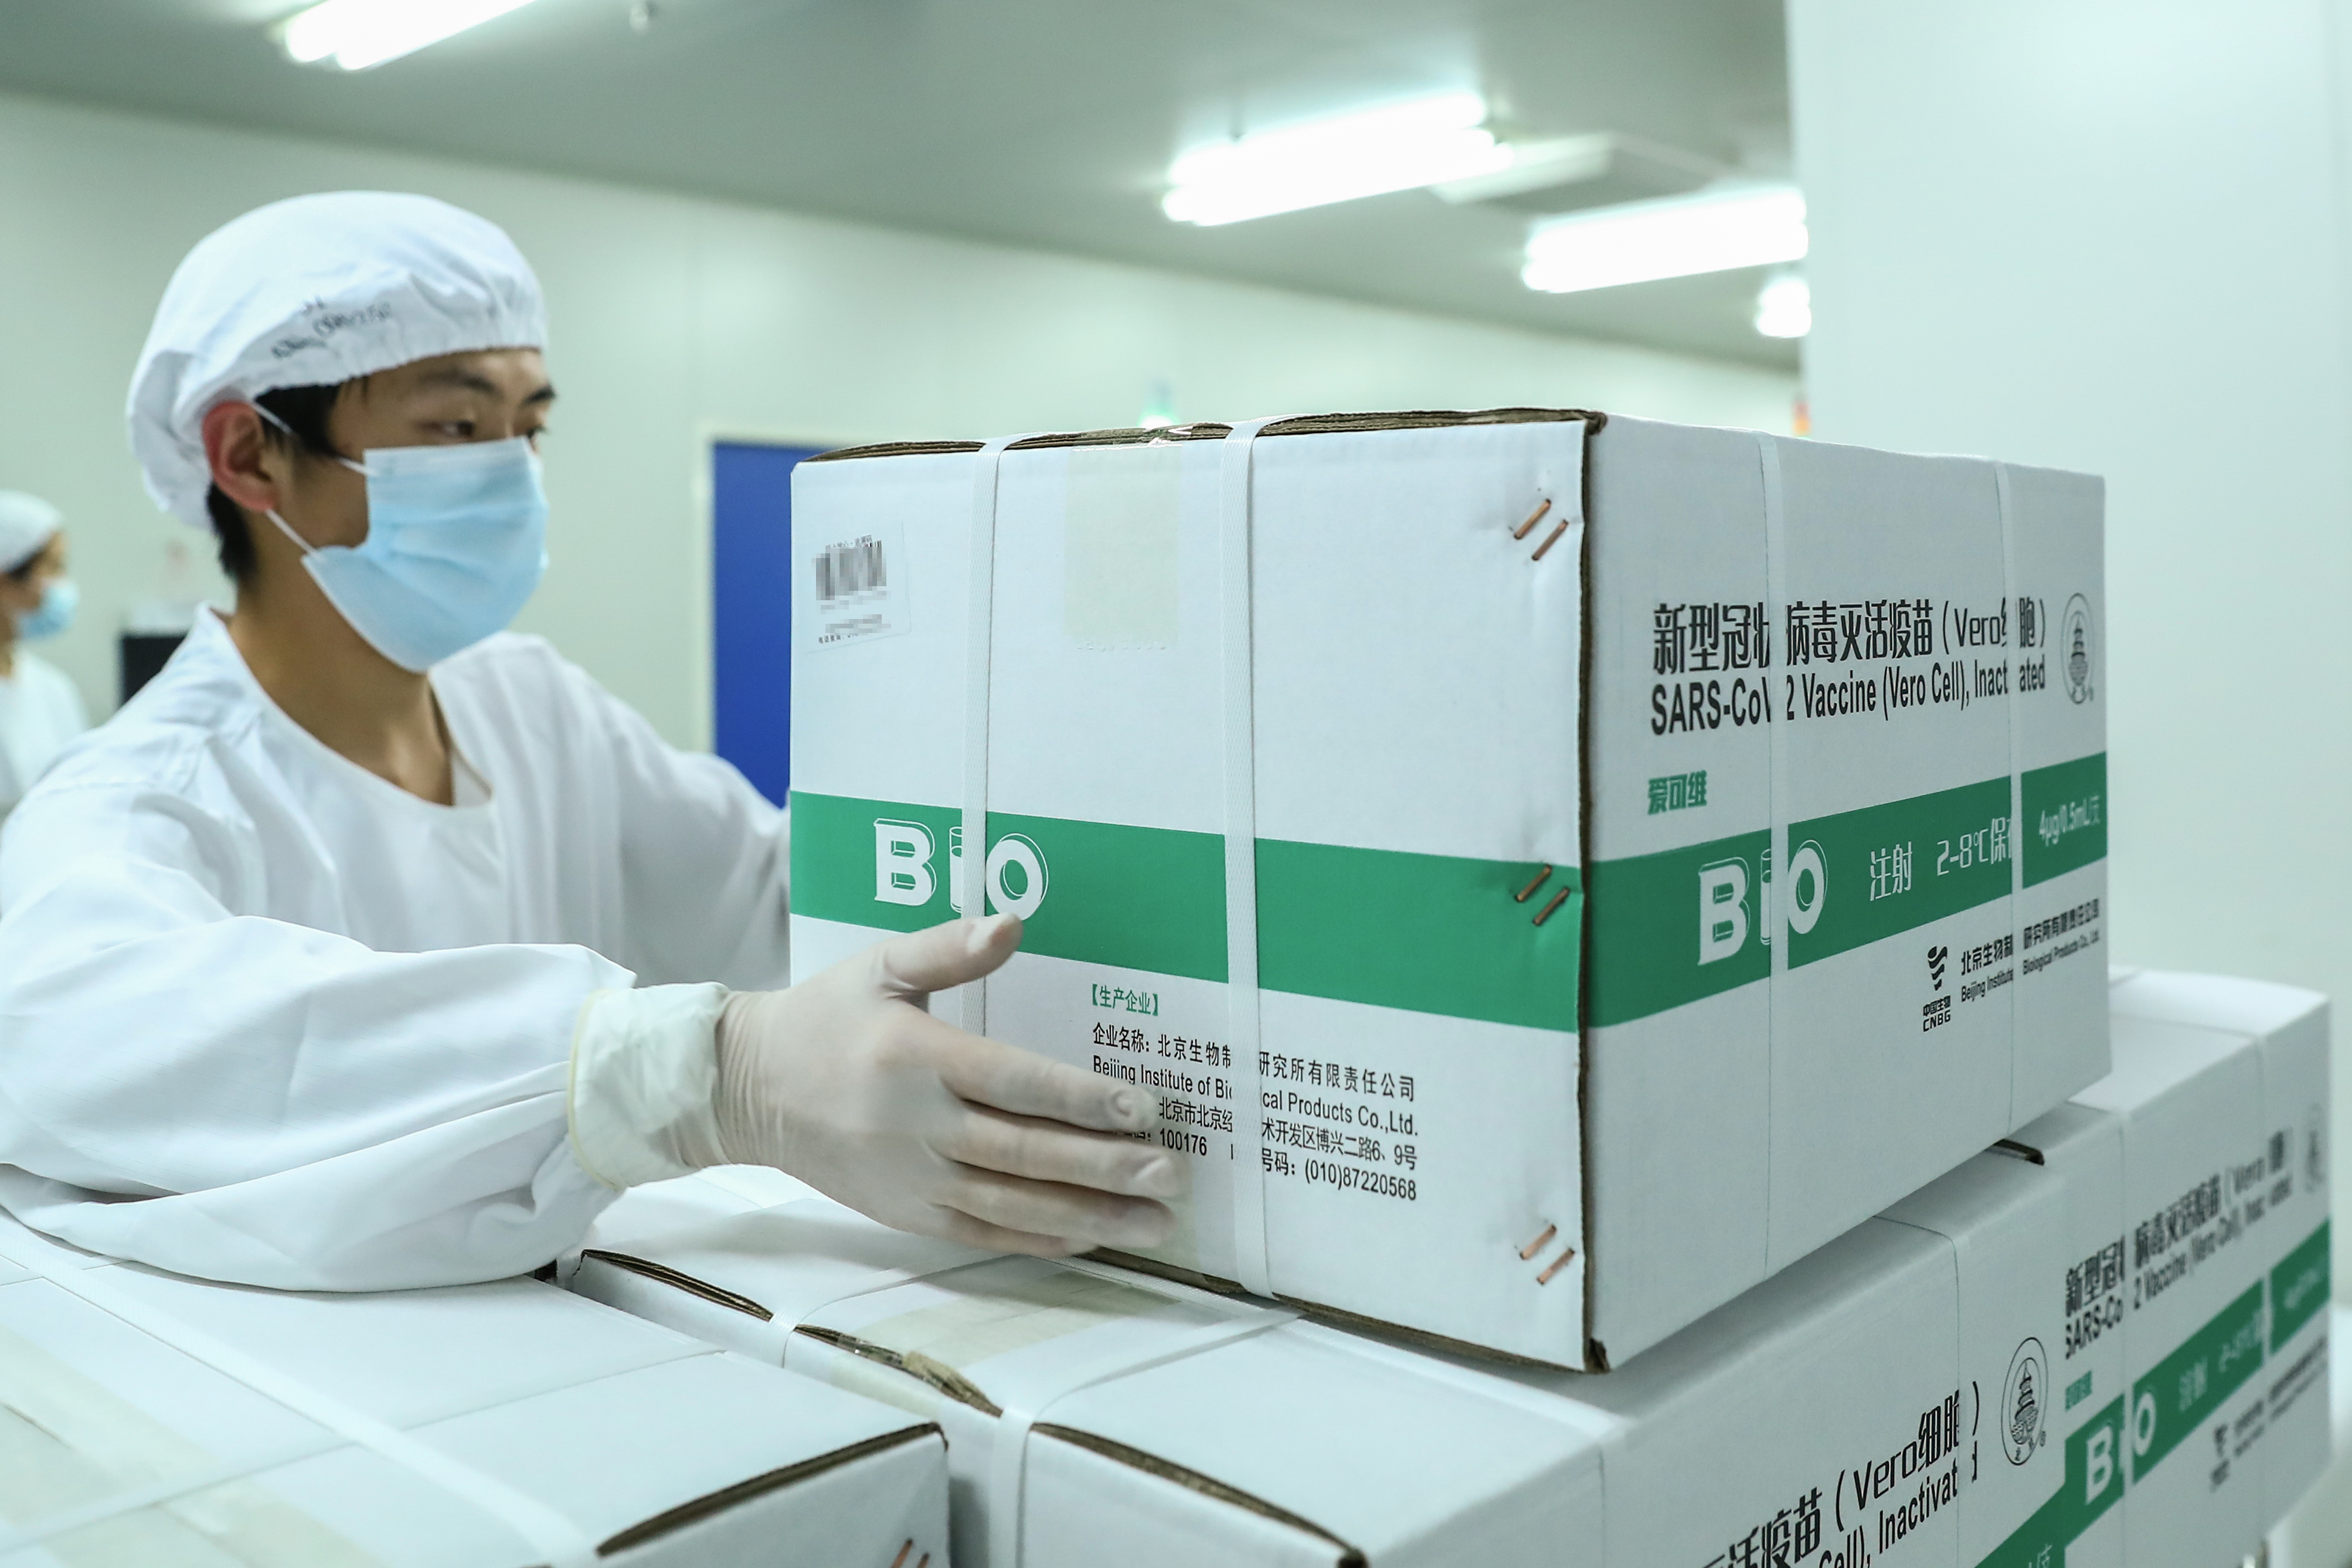 A kormány megállapodott az egyik kínai vakcinagyártóval